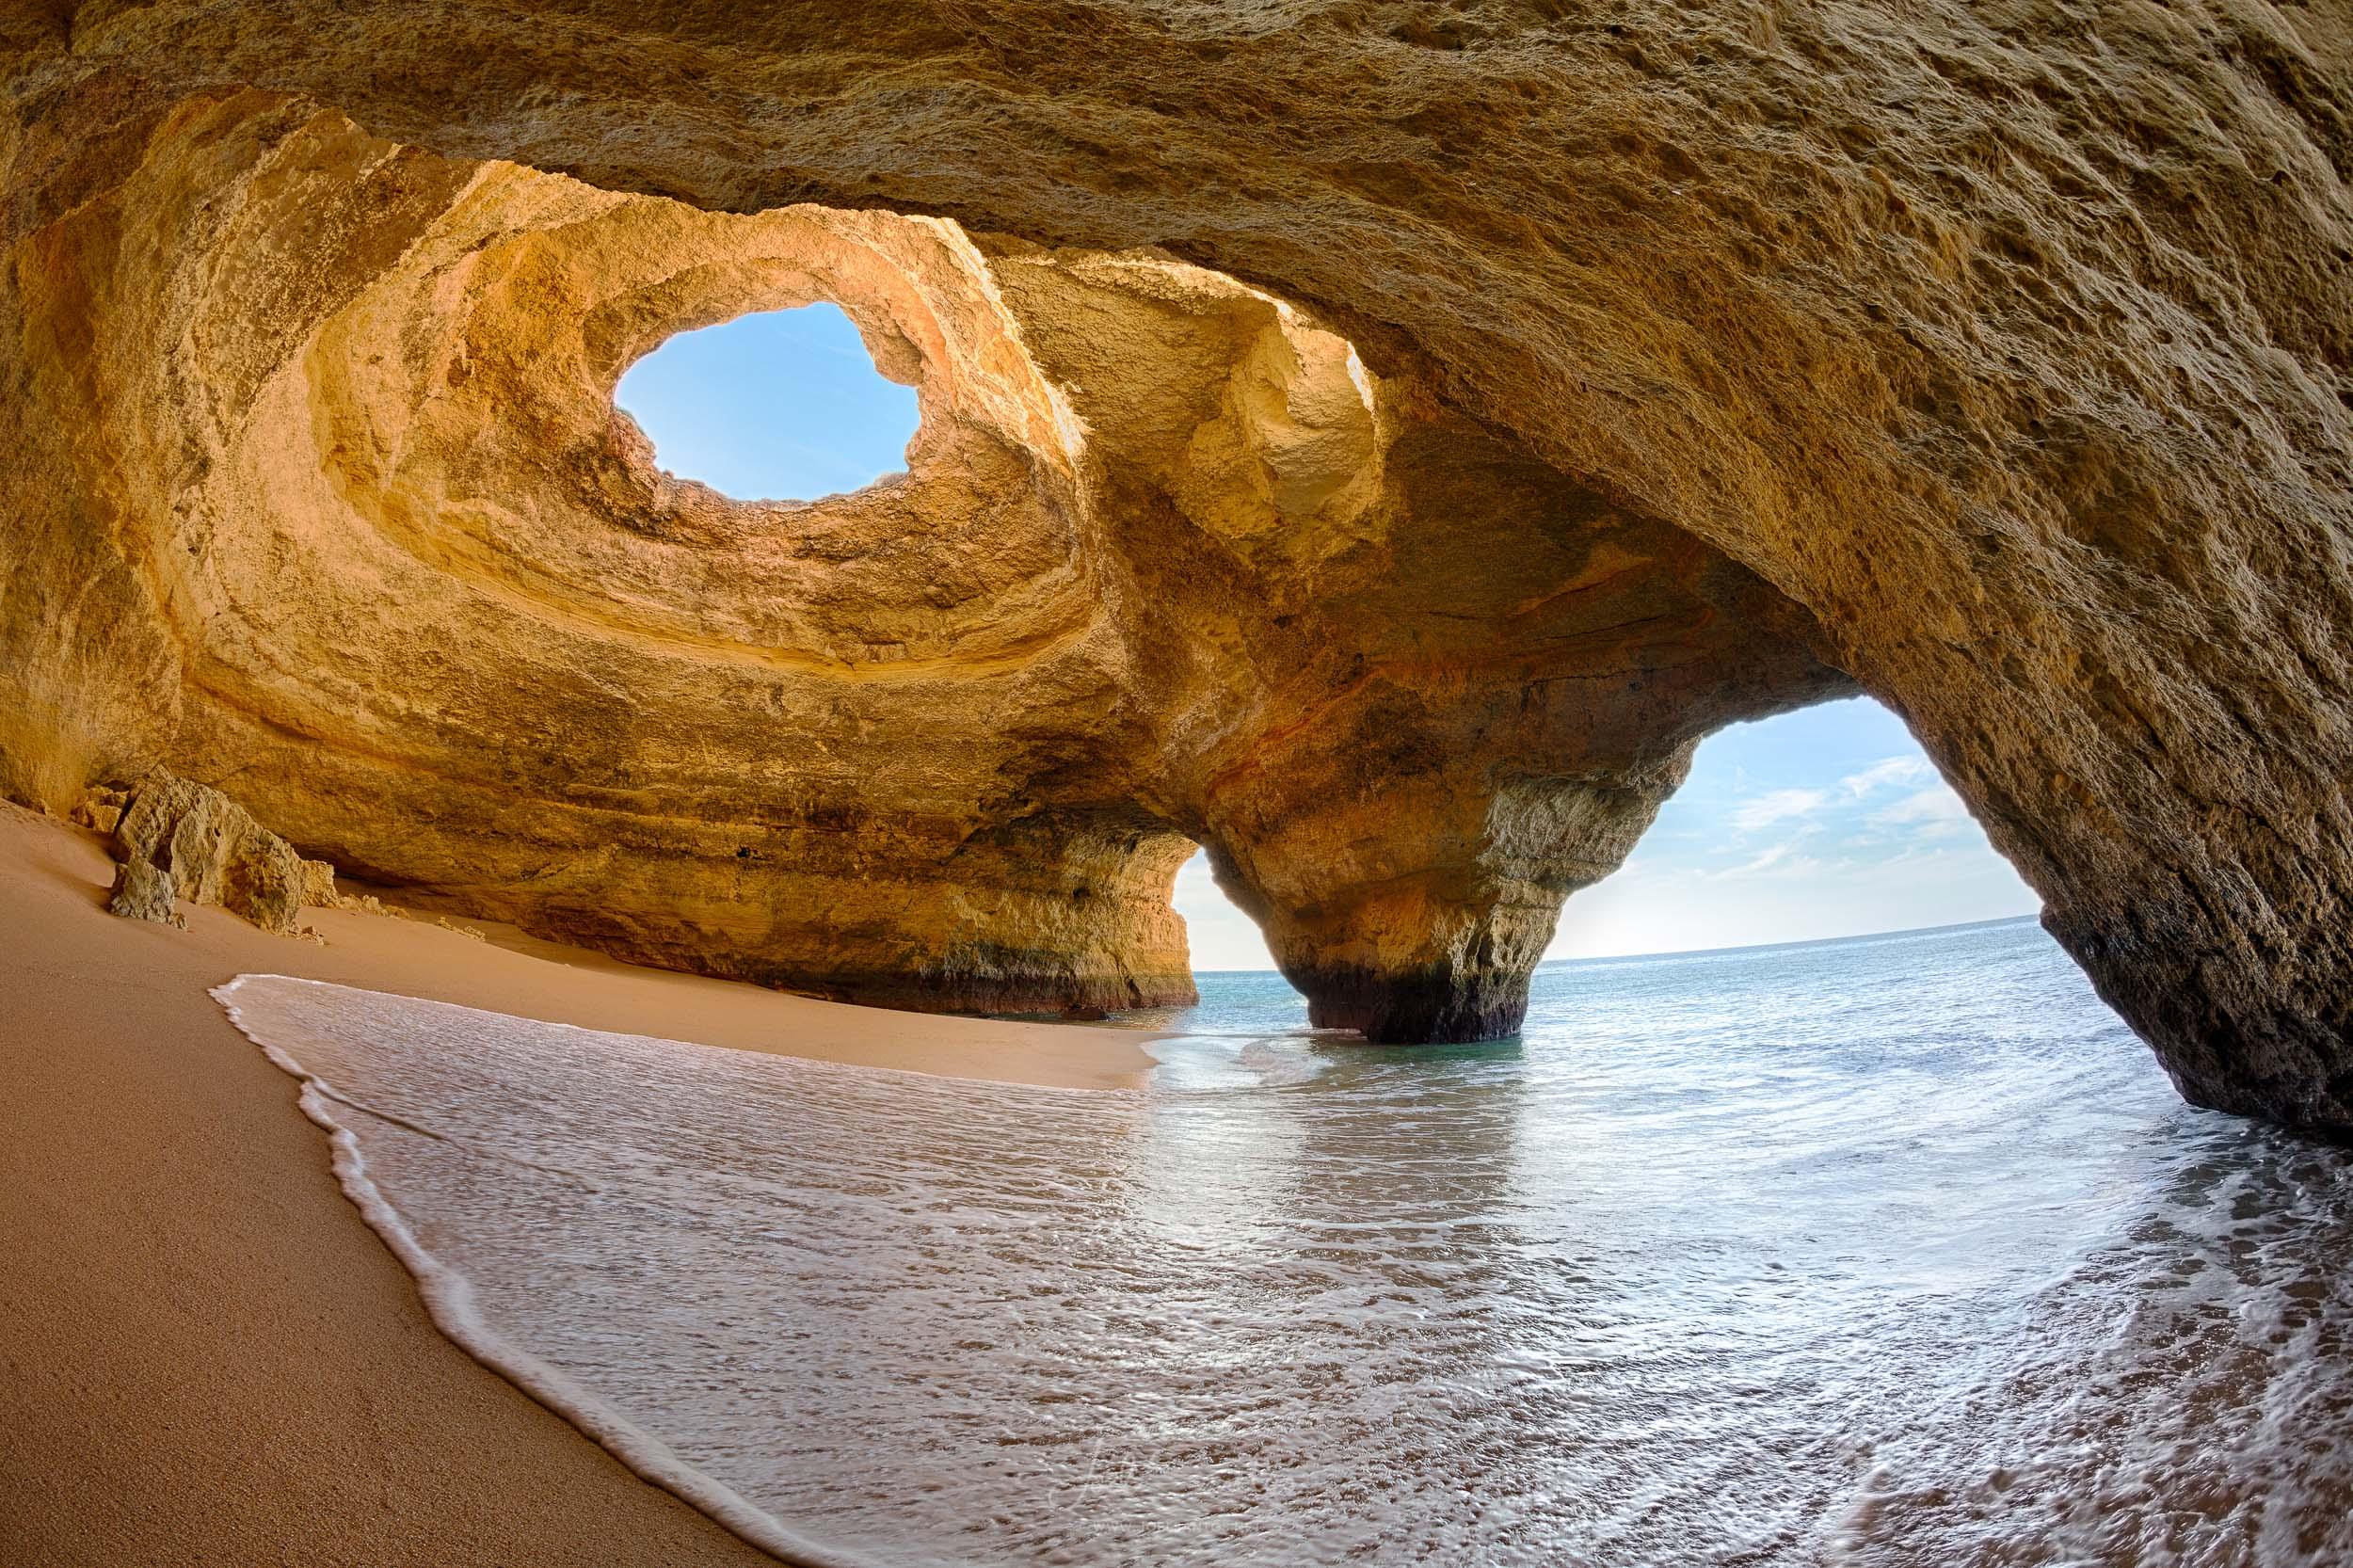 Benagil oceanic cave, Atlantic Ocean,  Algarve, Portugal